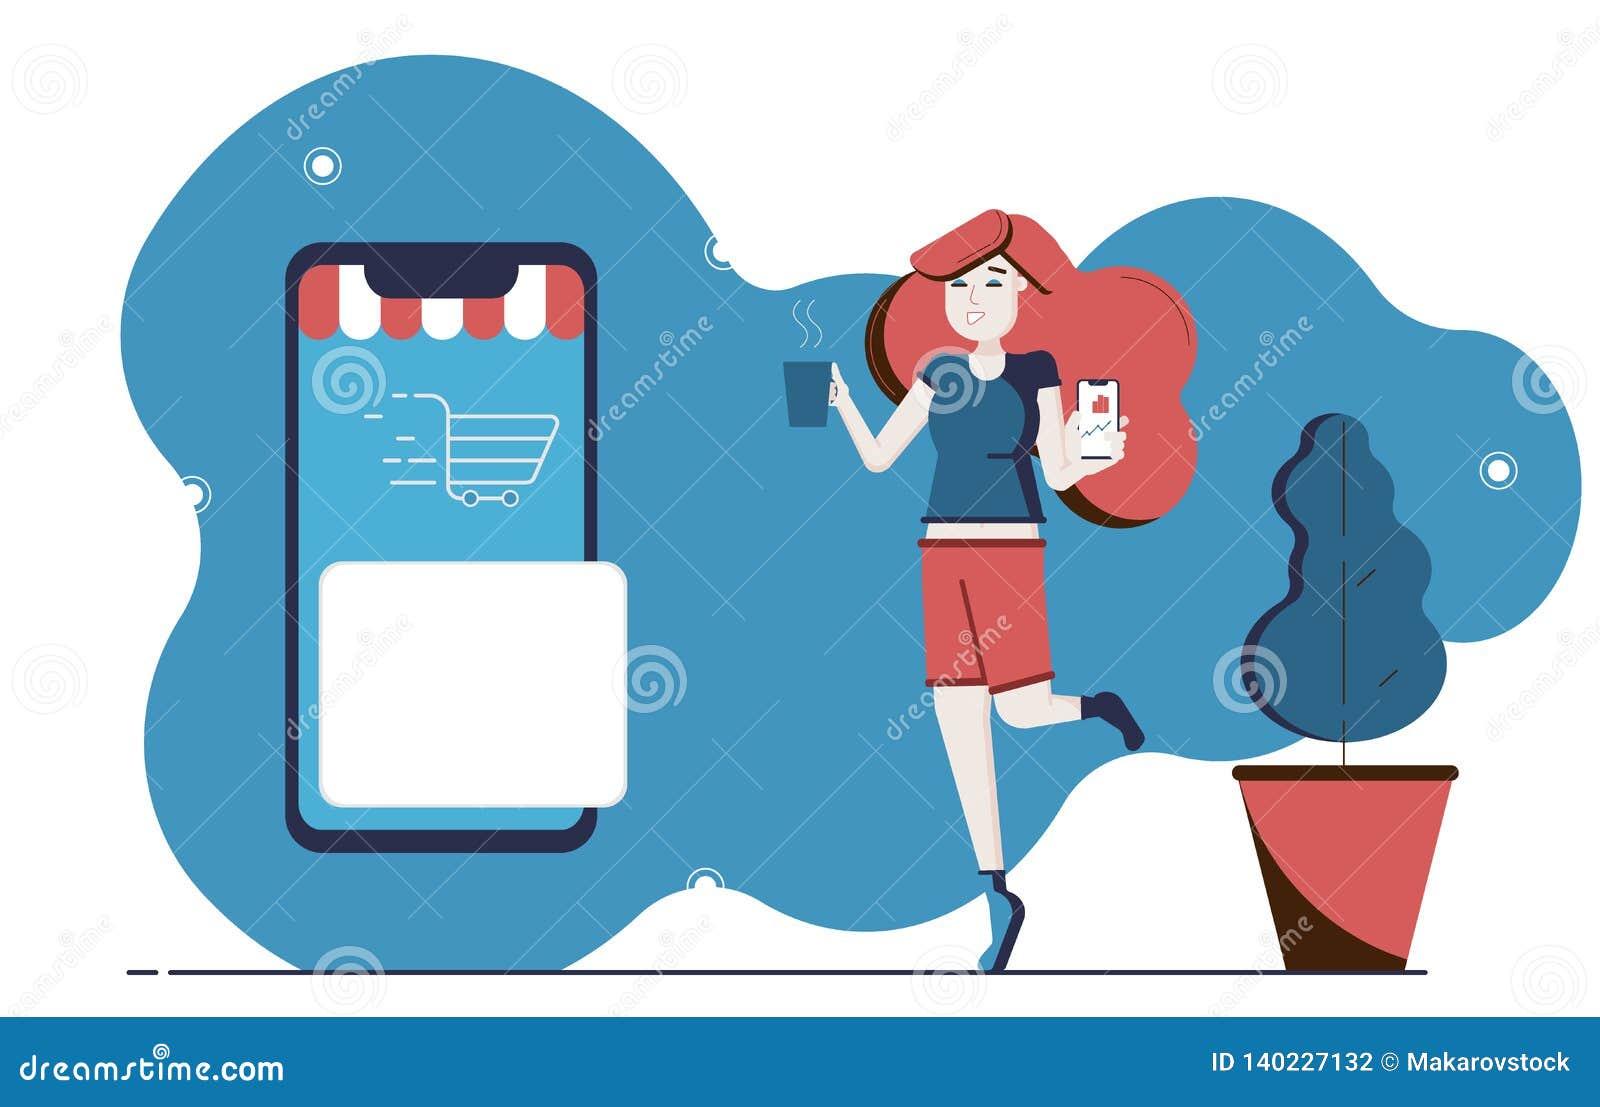 网上shoping和营销 网上交付